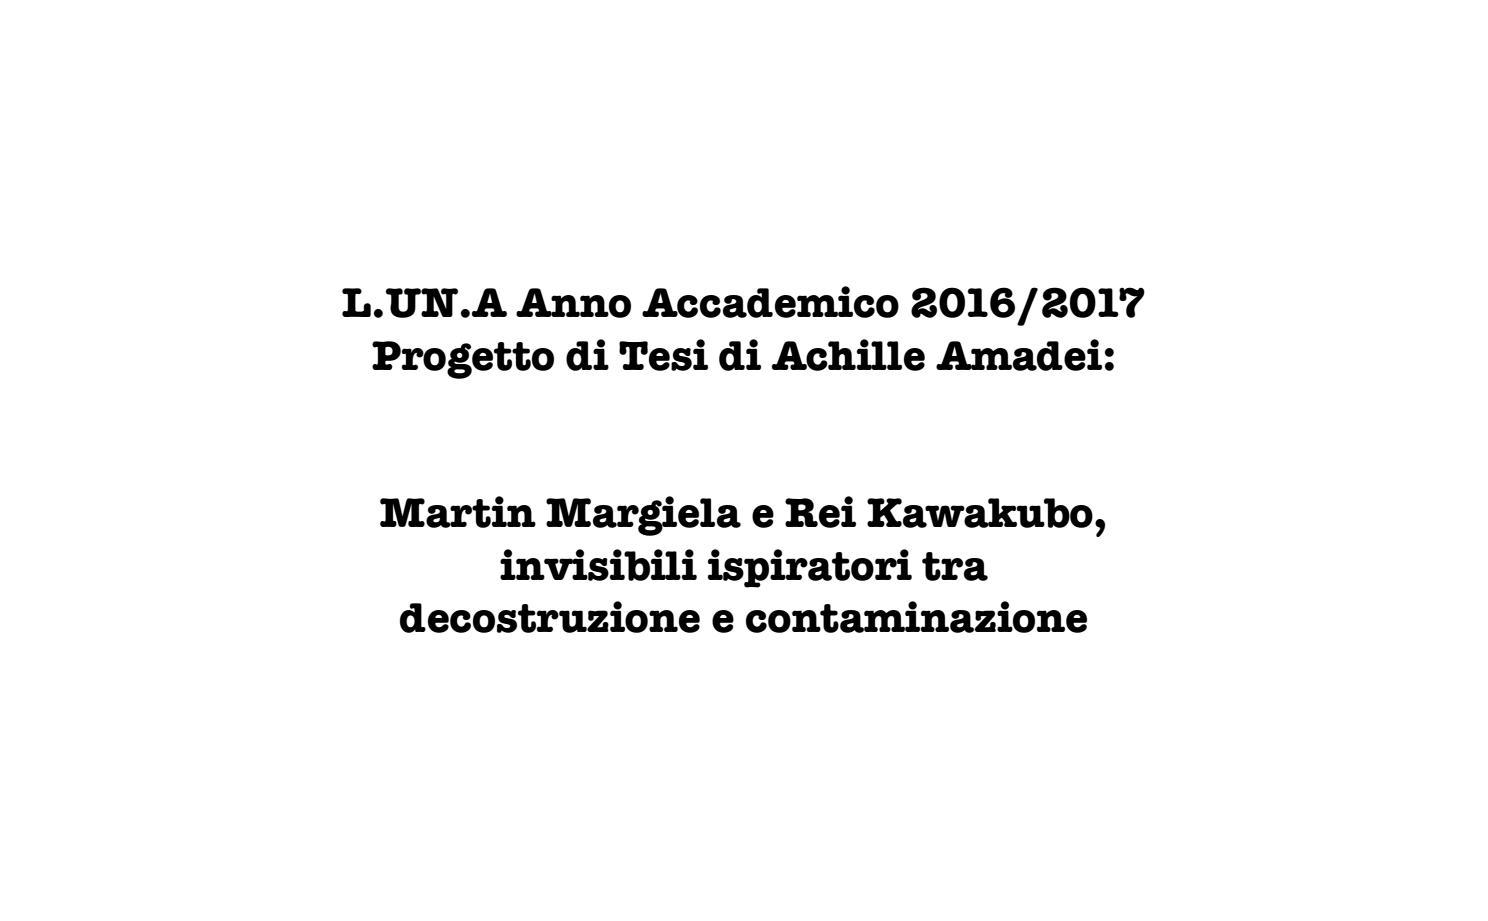 Progetto di tesi by Achille Amadei issuu